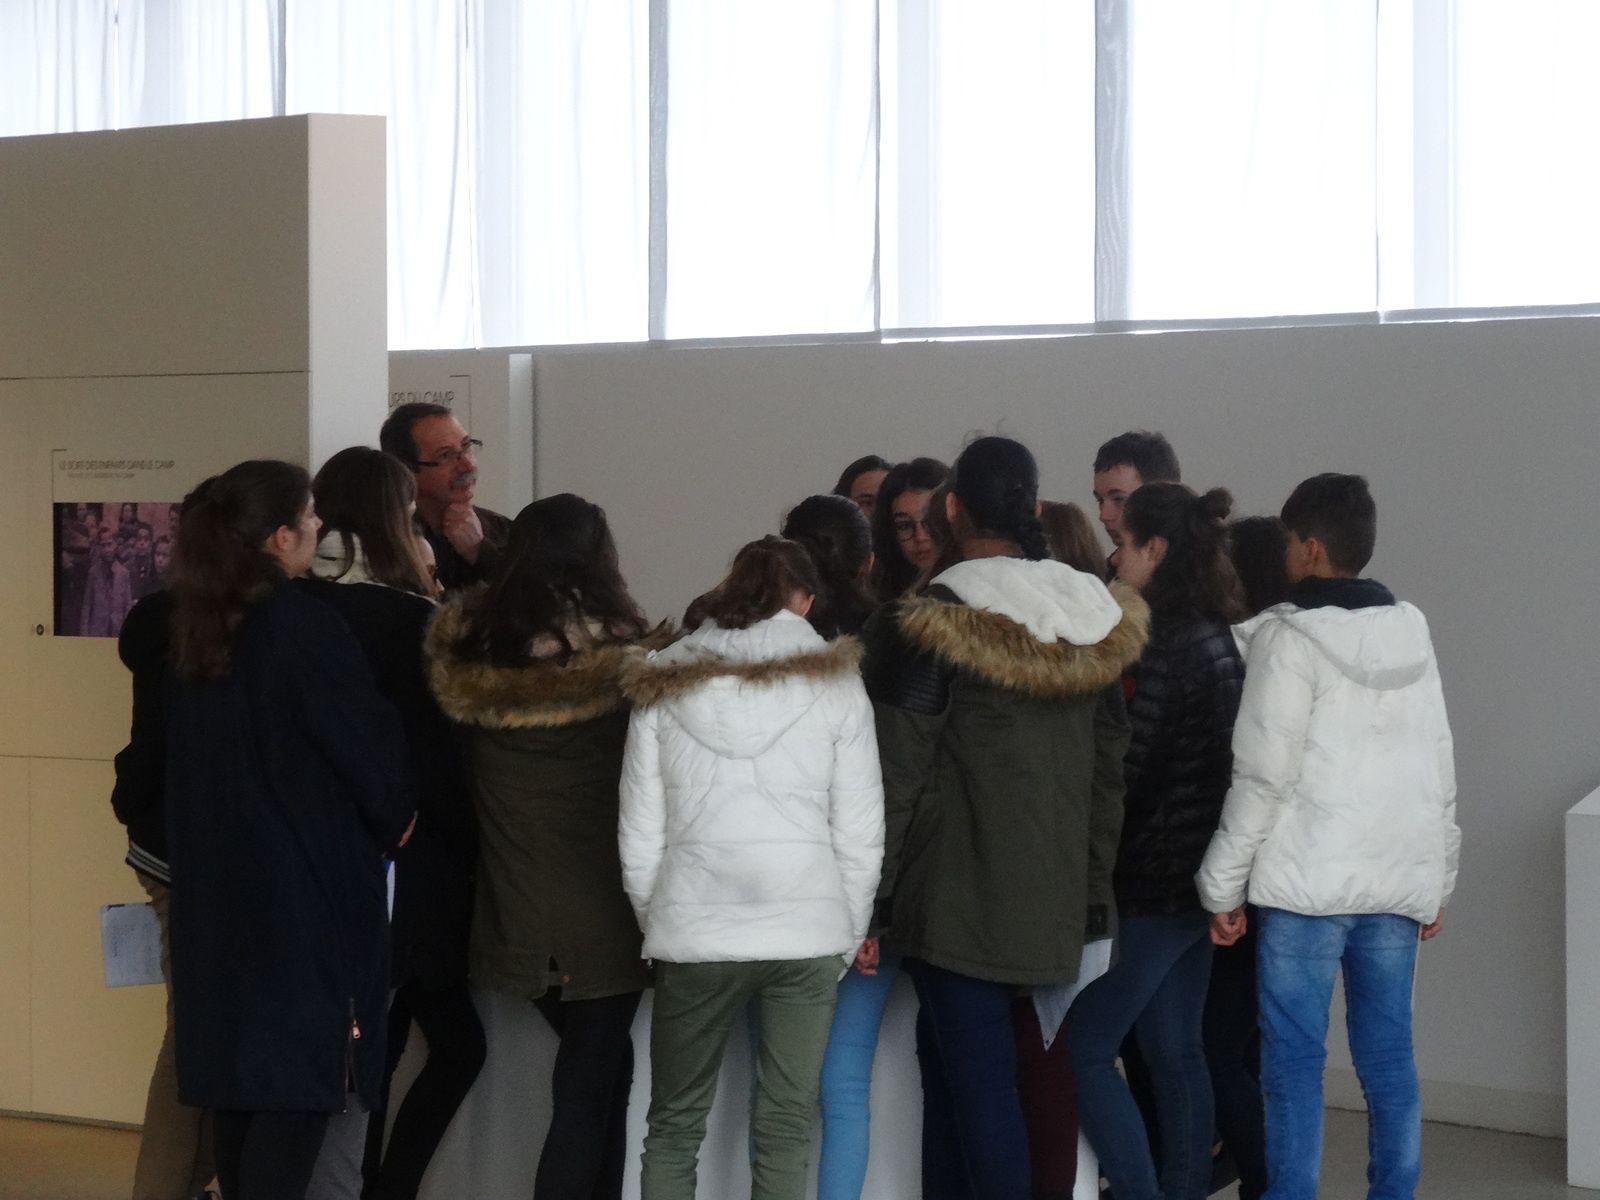 21 février 2017 Mémorial de la Shoah de Drancy